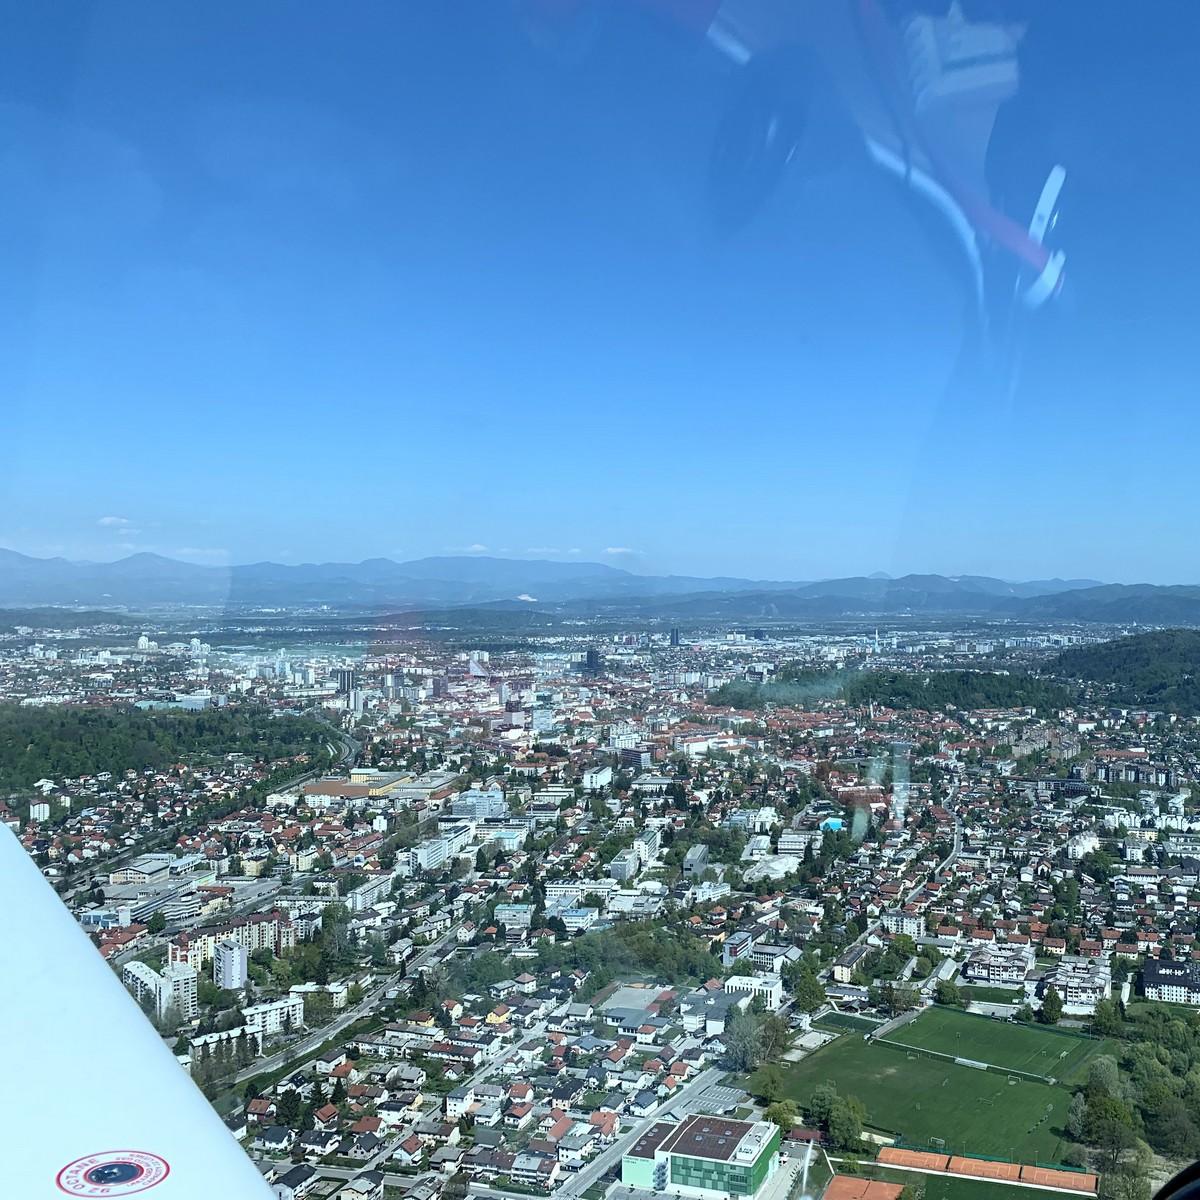 Polet nad Ljubljano